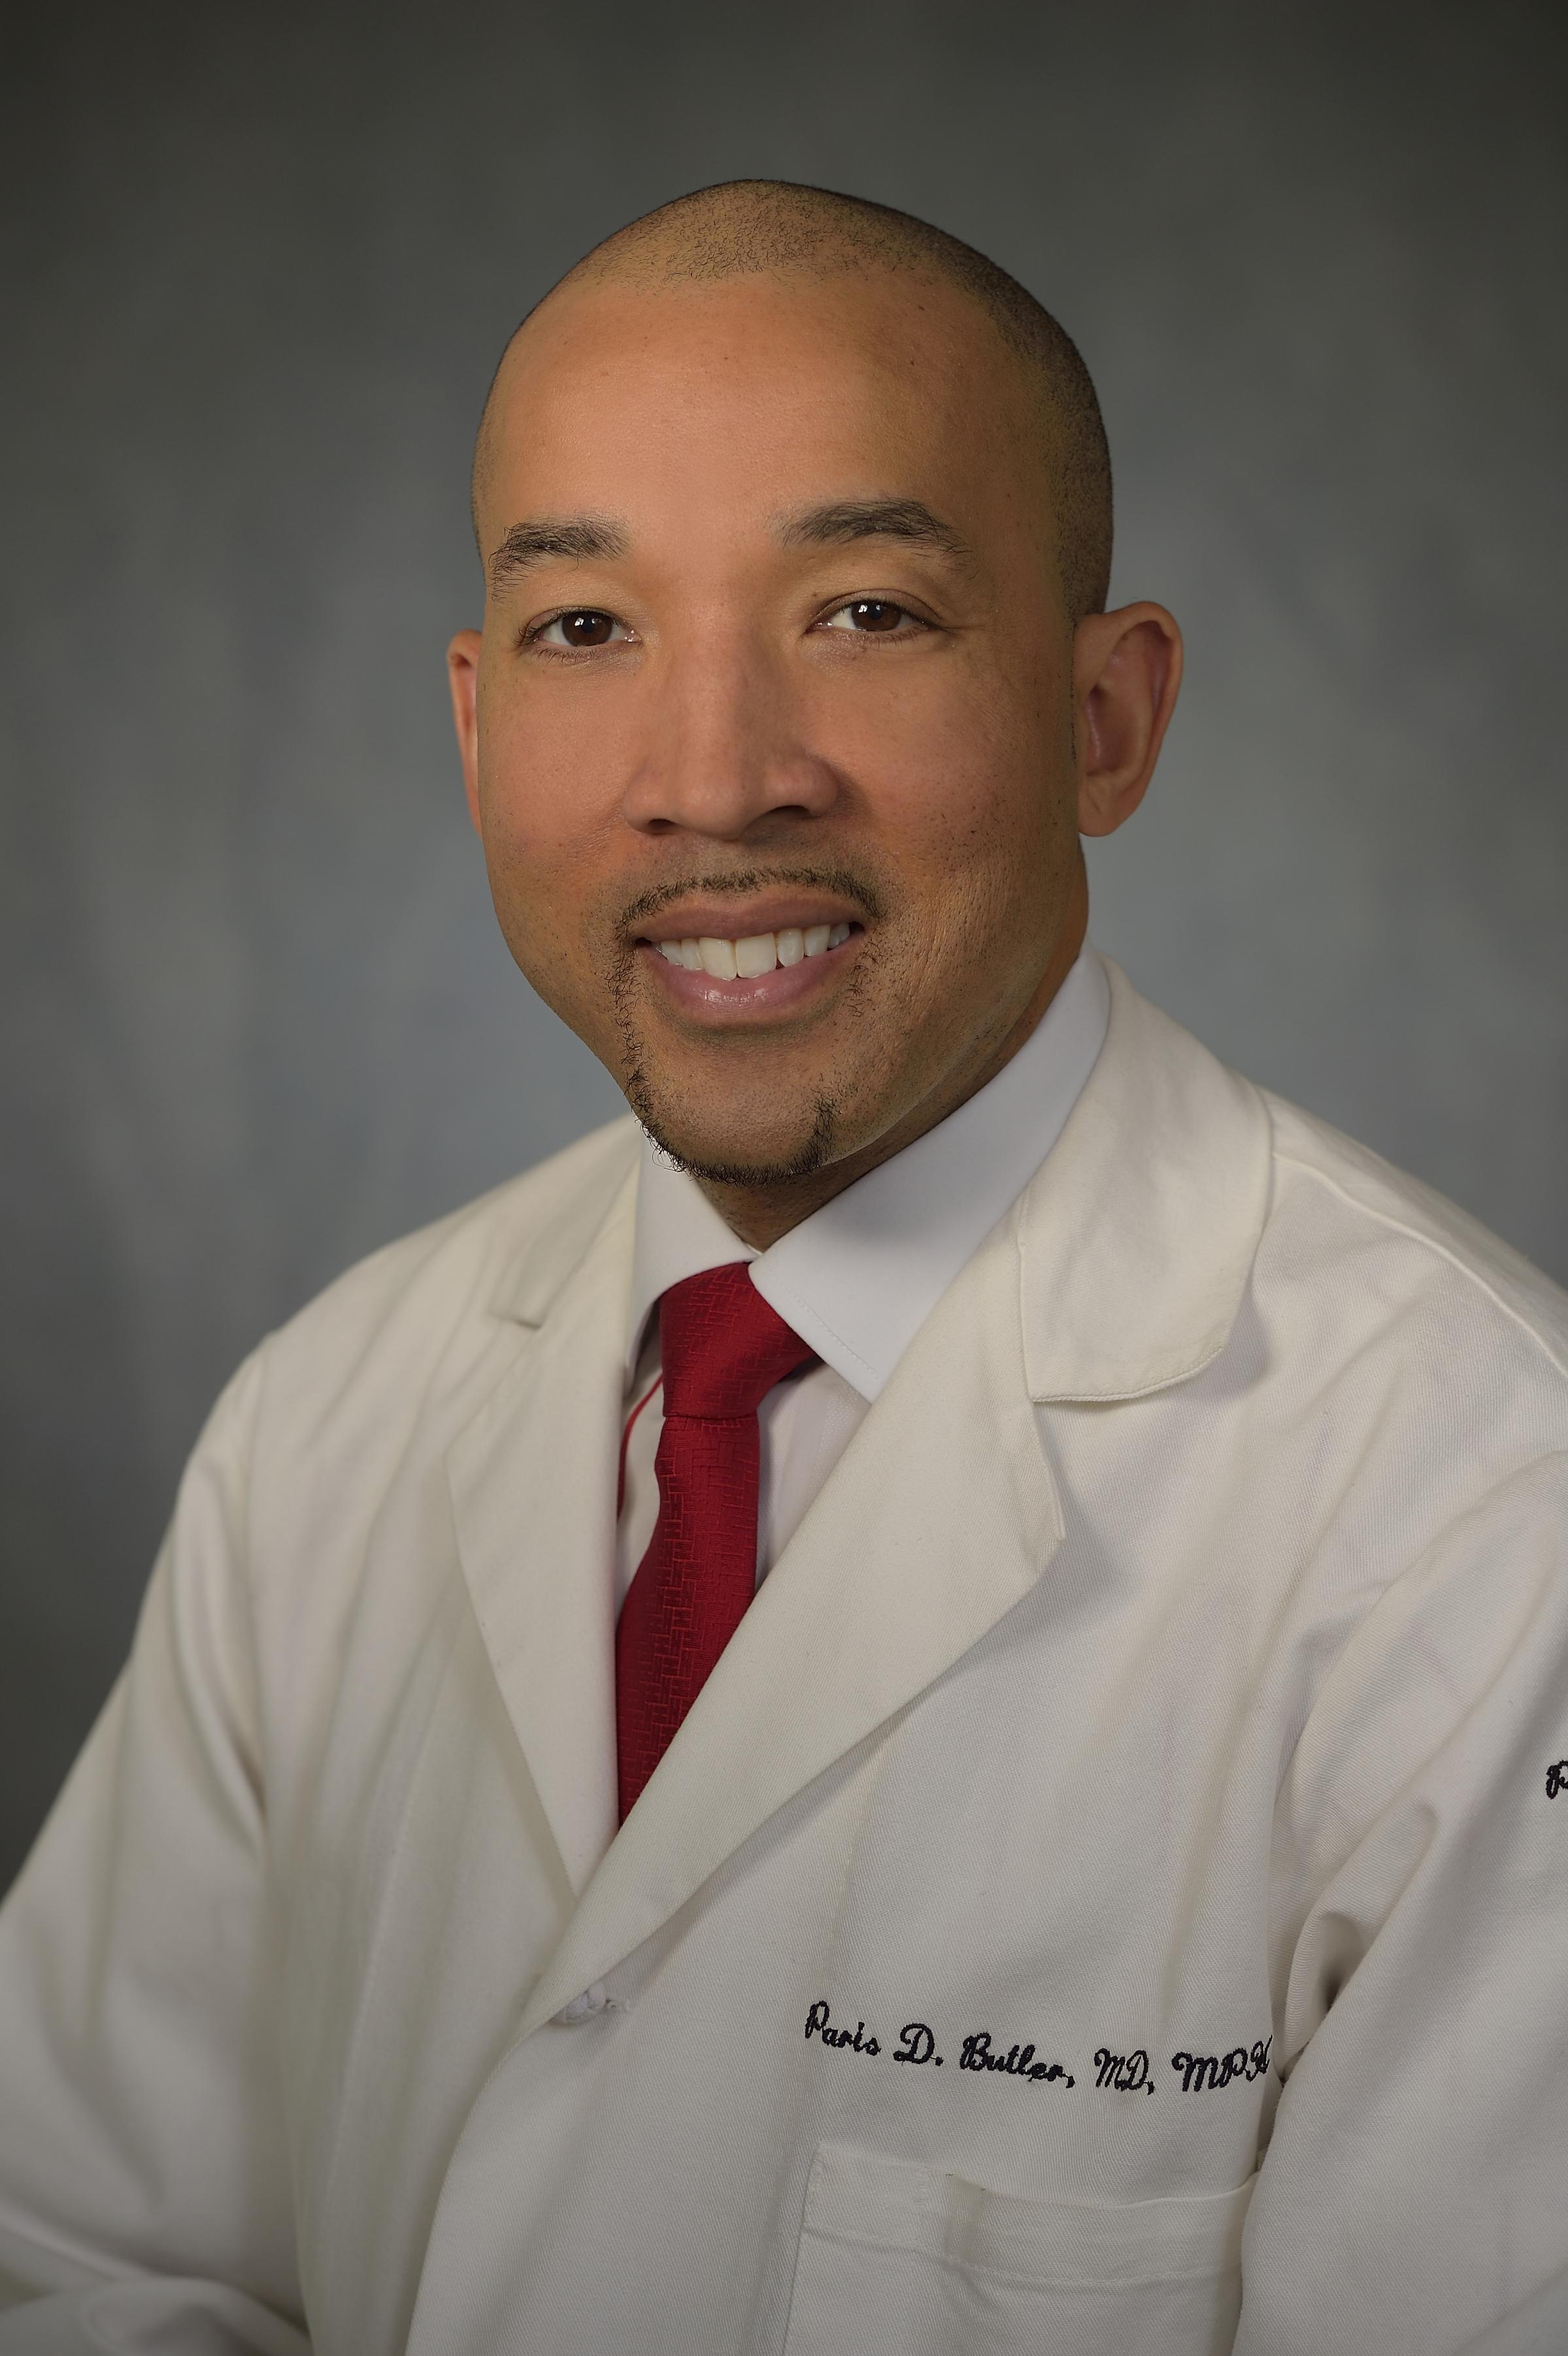 Paris D. Butler, MD, MPH